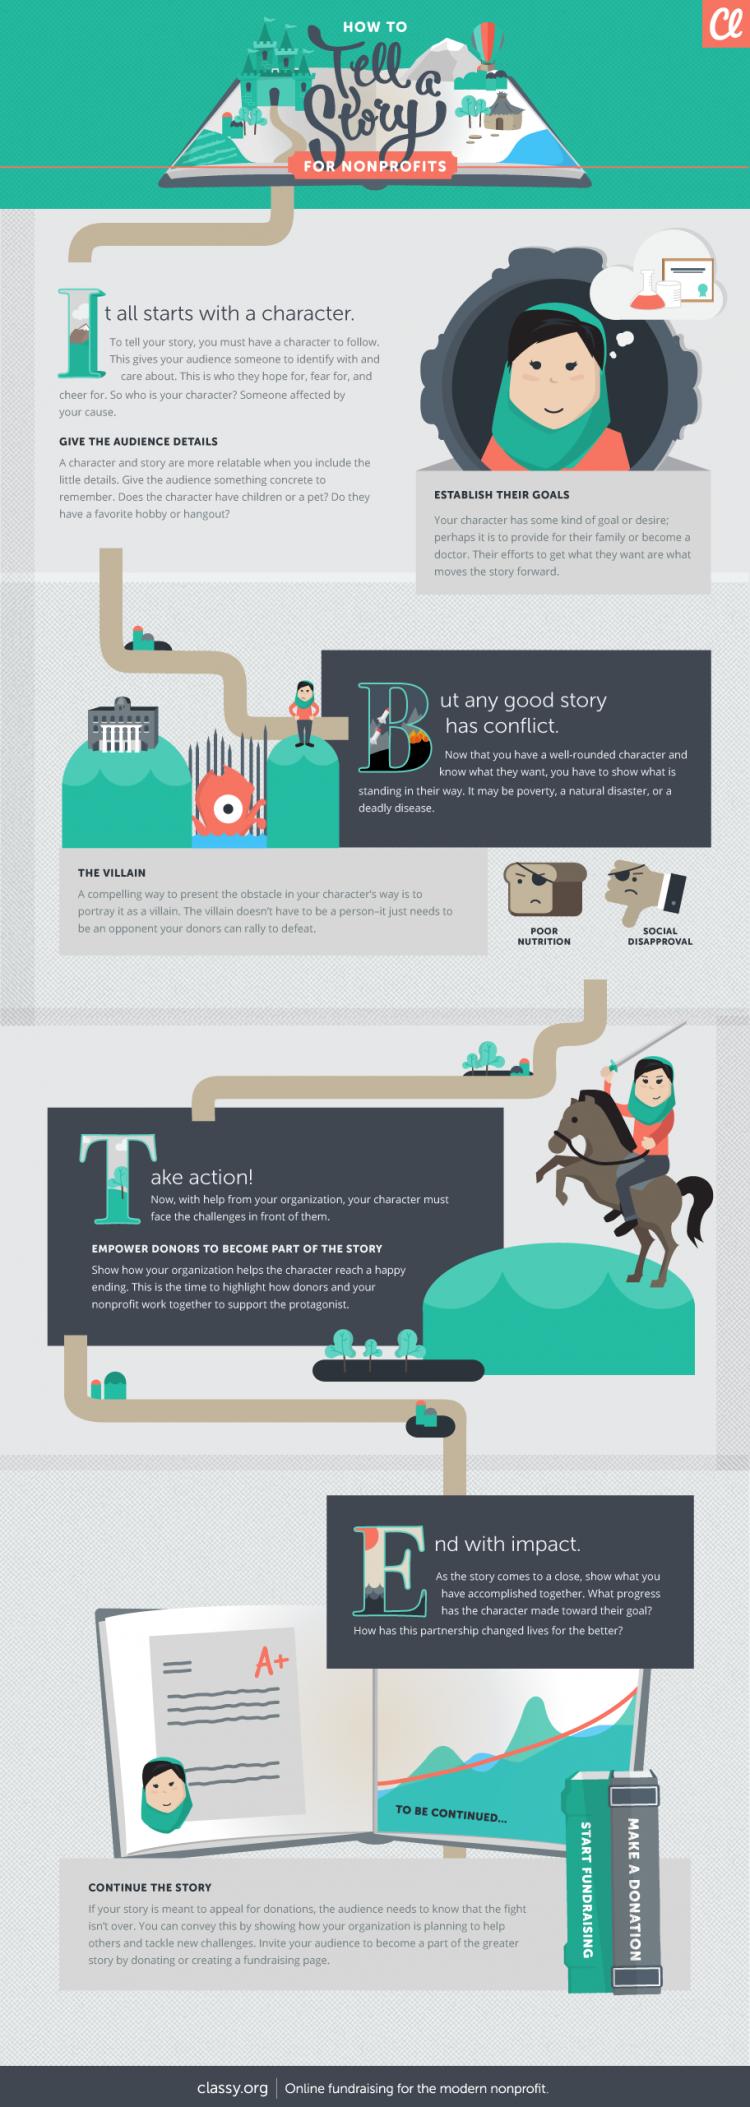 Nonprofit storytelling infographic